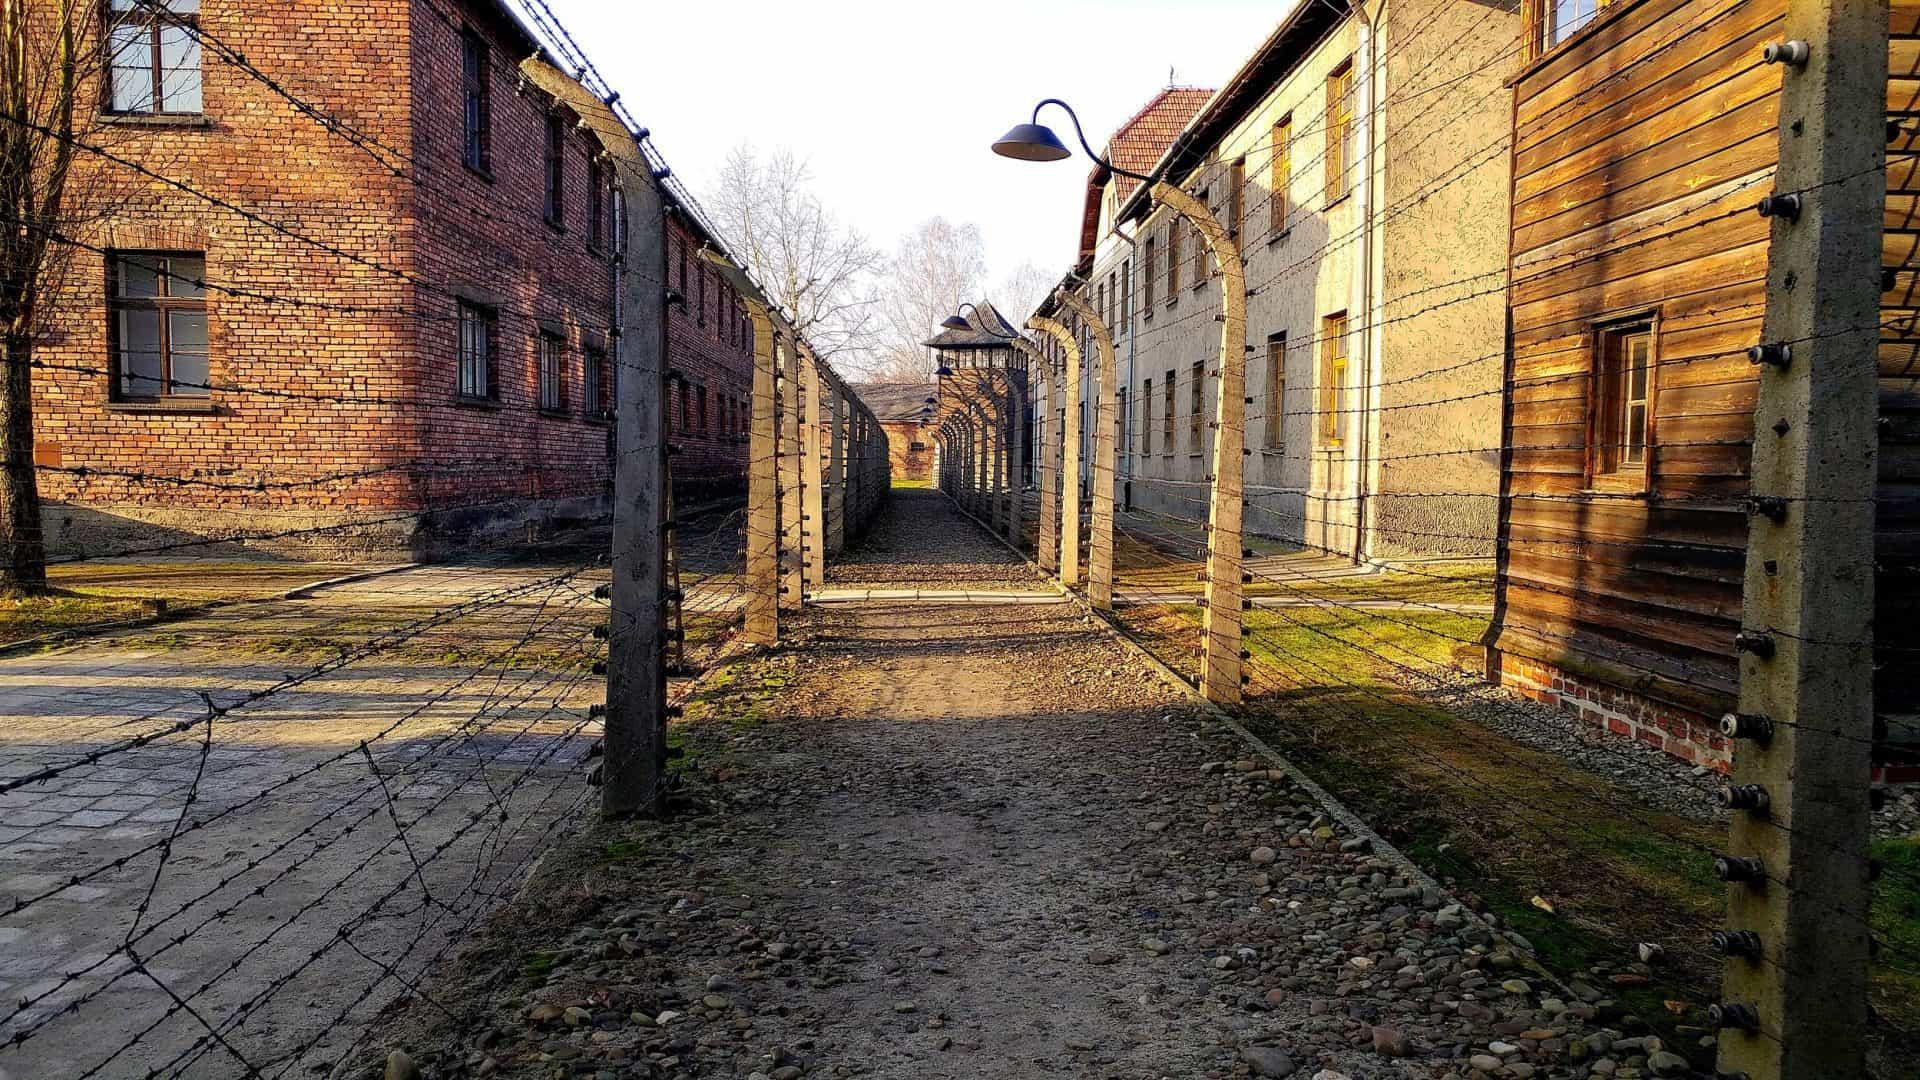 Auschwitz-Birkenau: come arrivare, dove prenotare e come organizzare la visita da soli